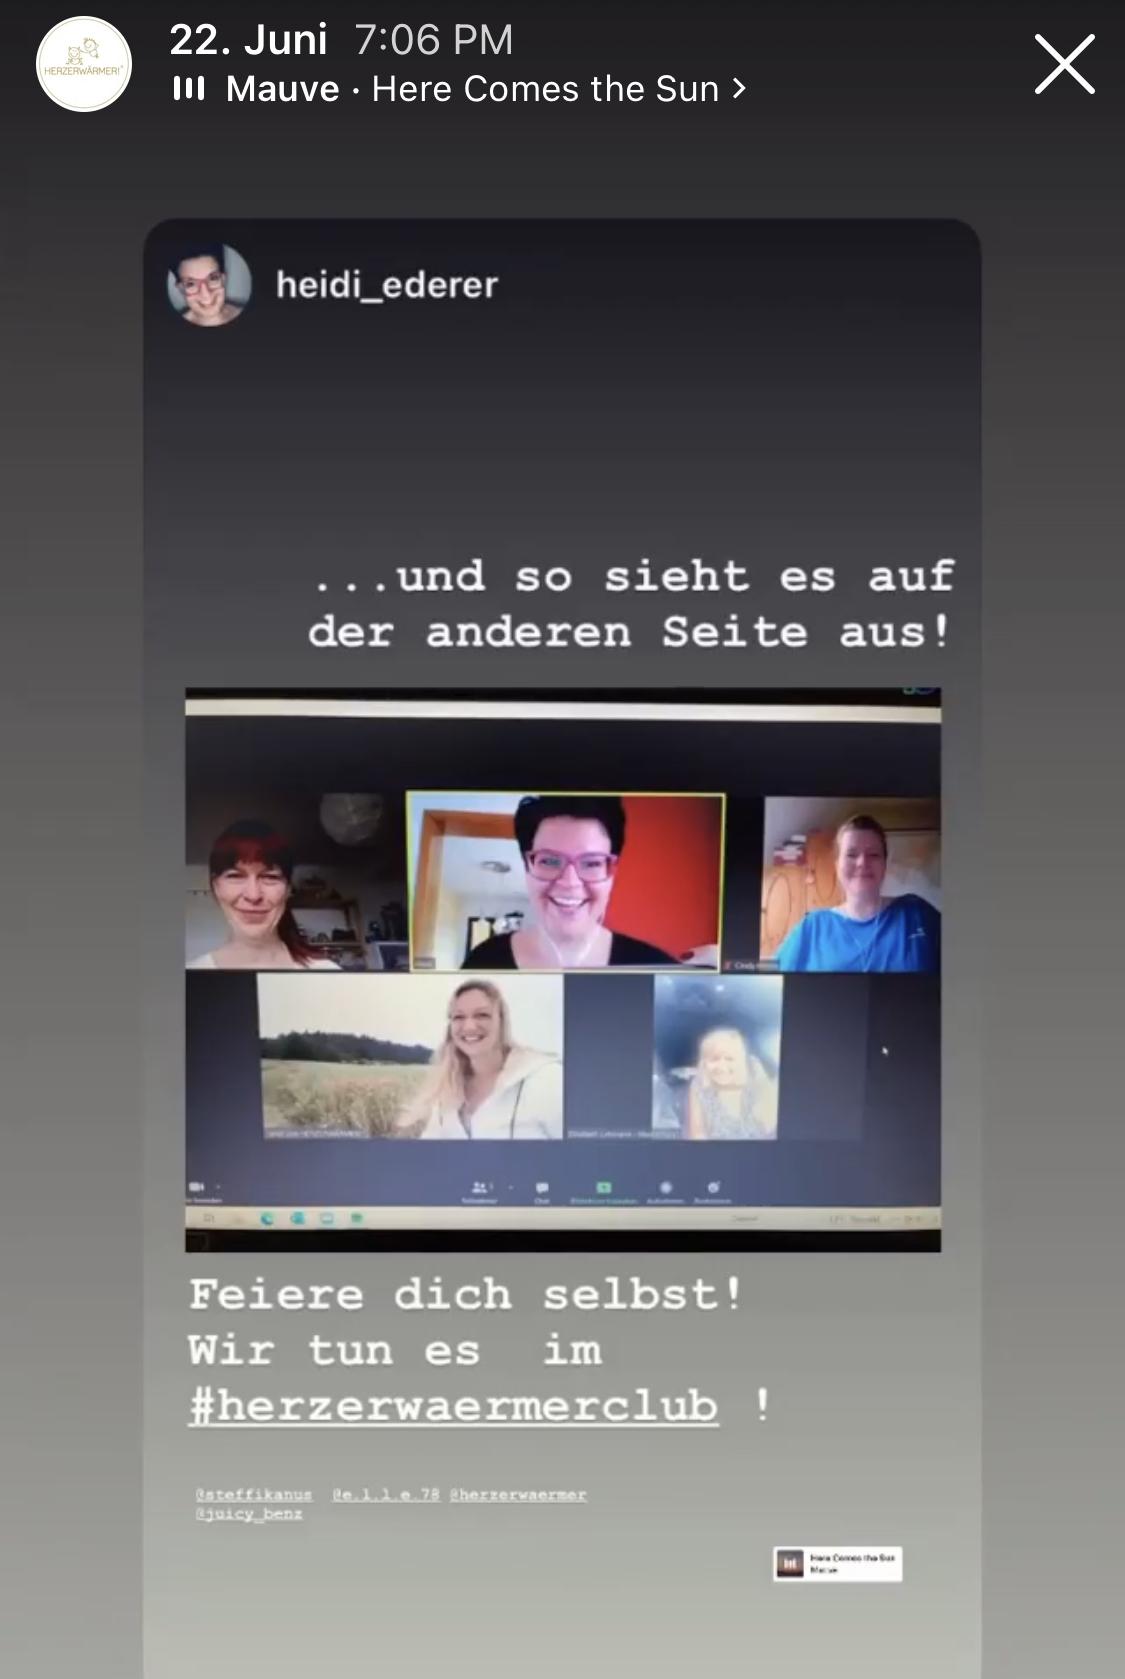 Meetup bei_HERZERWÄRMER